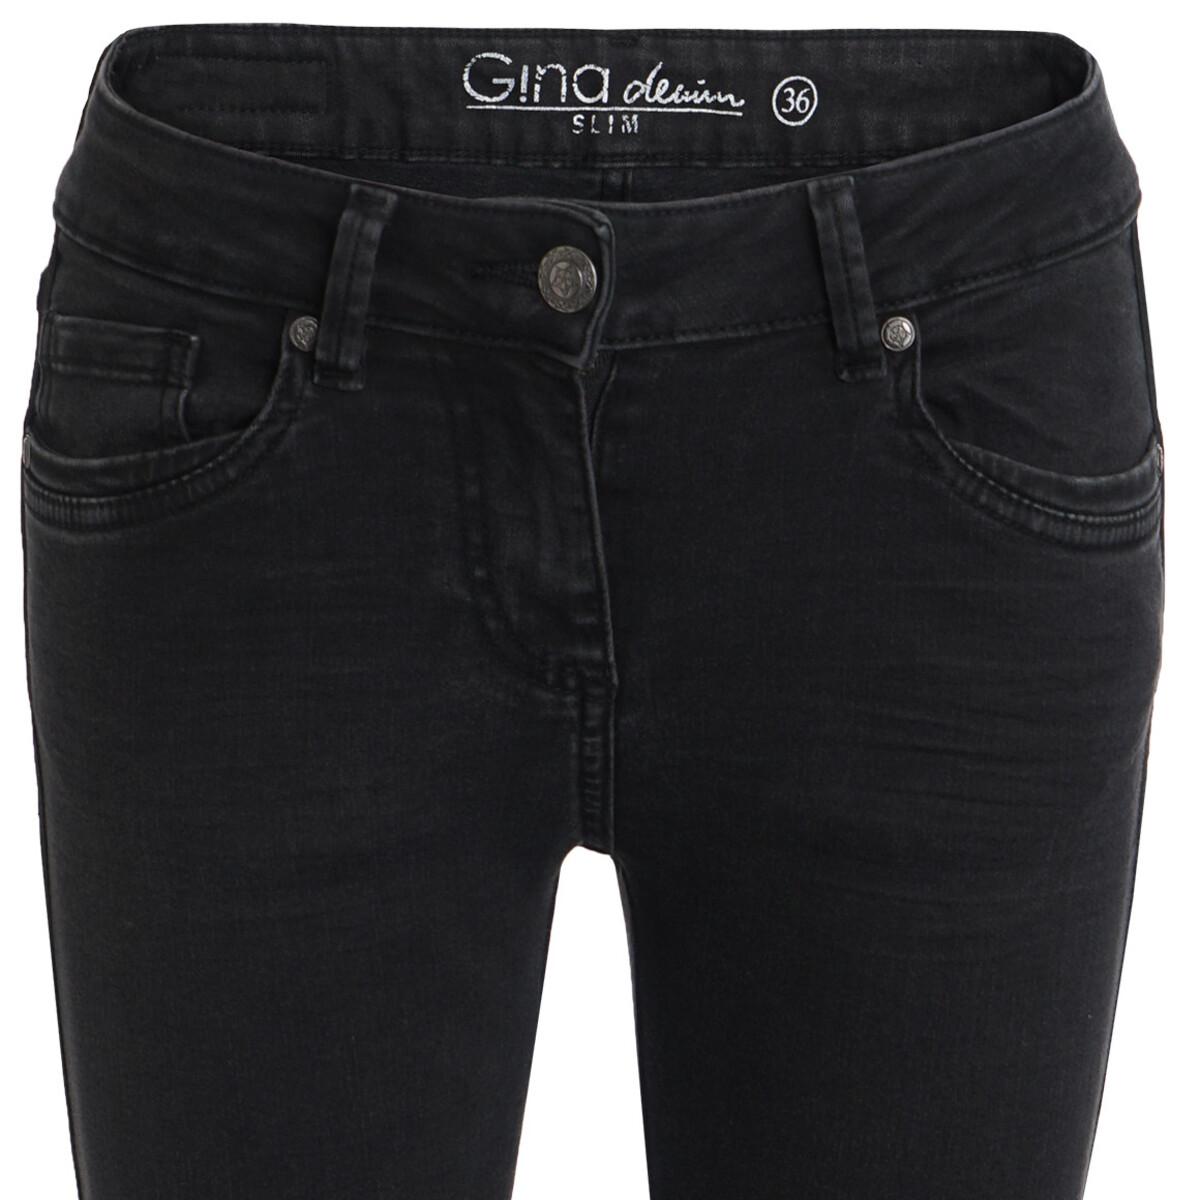 Bild 3 von Damen Superflexible-Jeans im 5-Pocket-Style